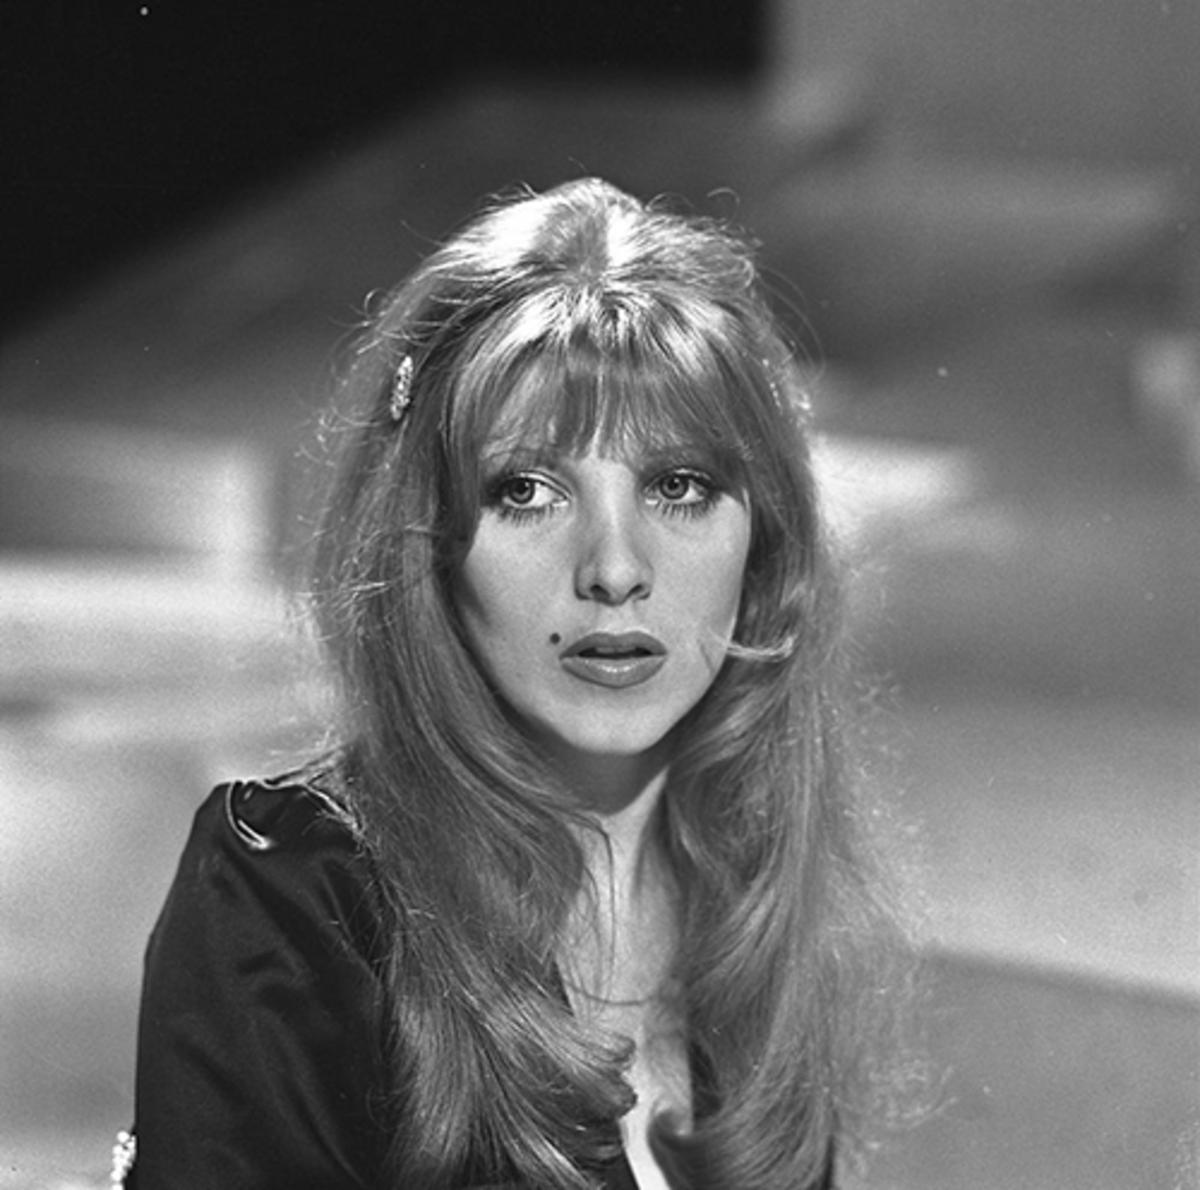 Lynsey de Paul in 1973